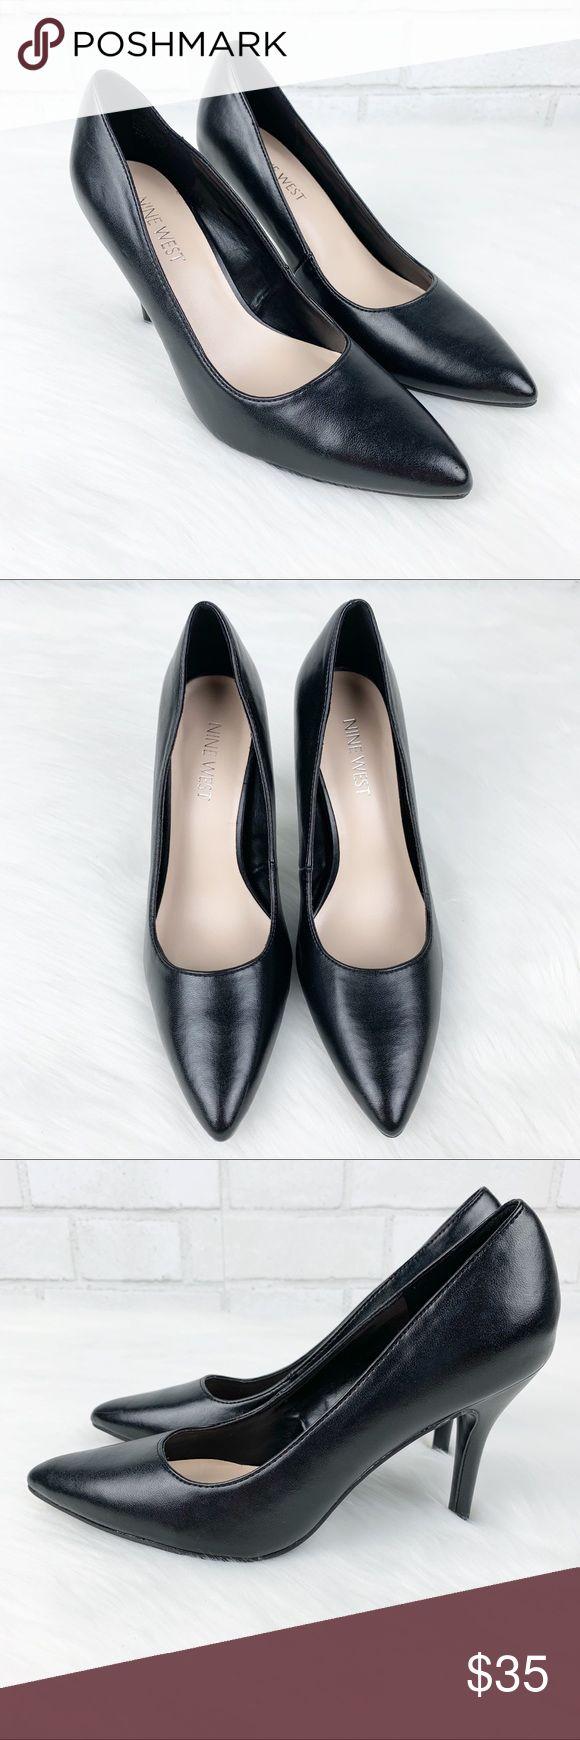 Neun West Schuhe | Nine West Black High Heels mit spitzen Zehen 5.5 | Farbe: Schwarz | Größe: 5.5